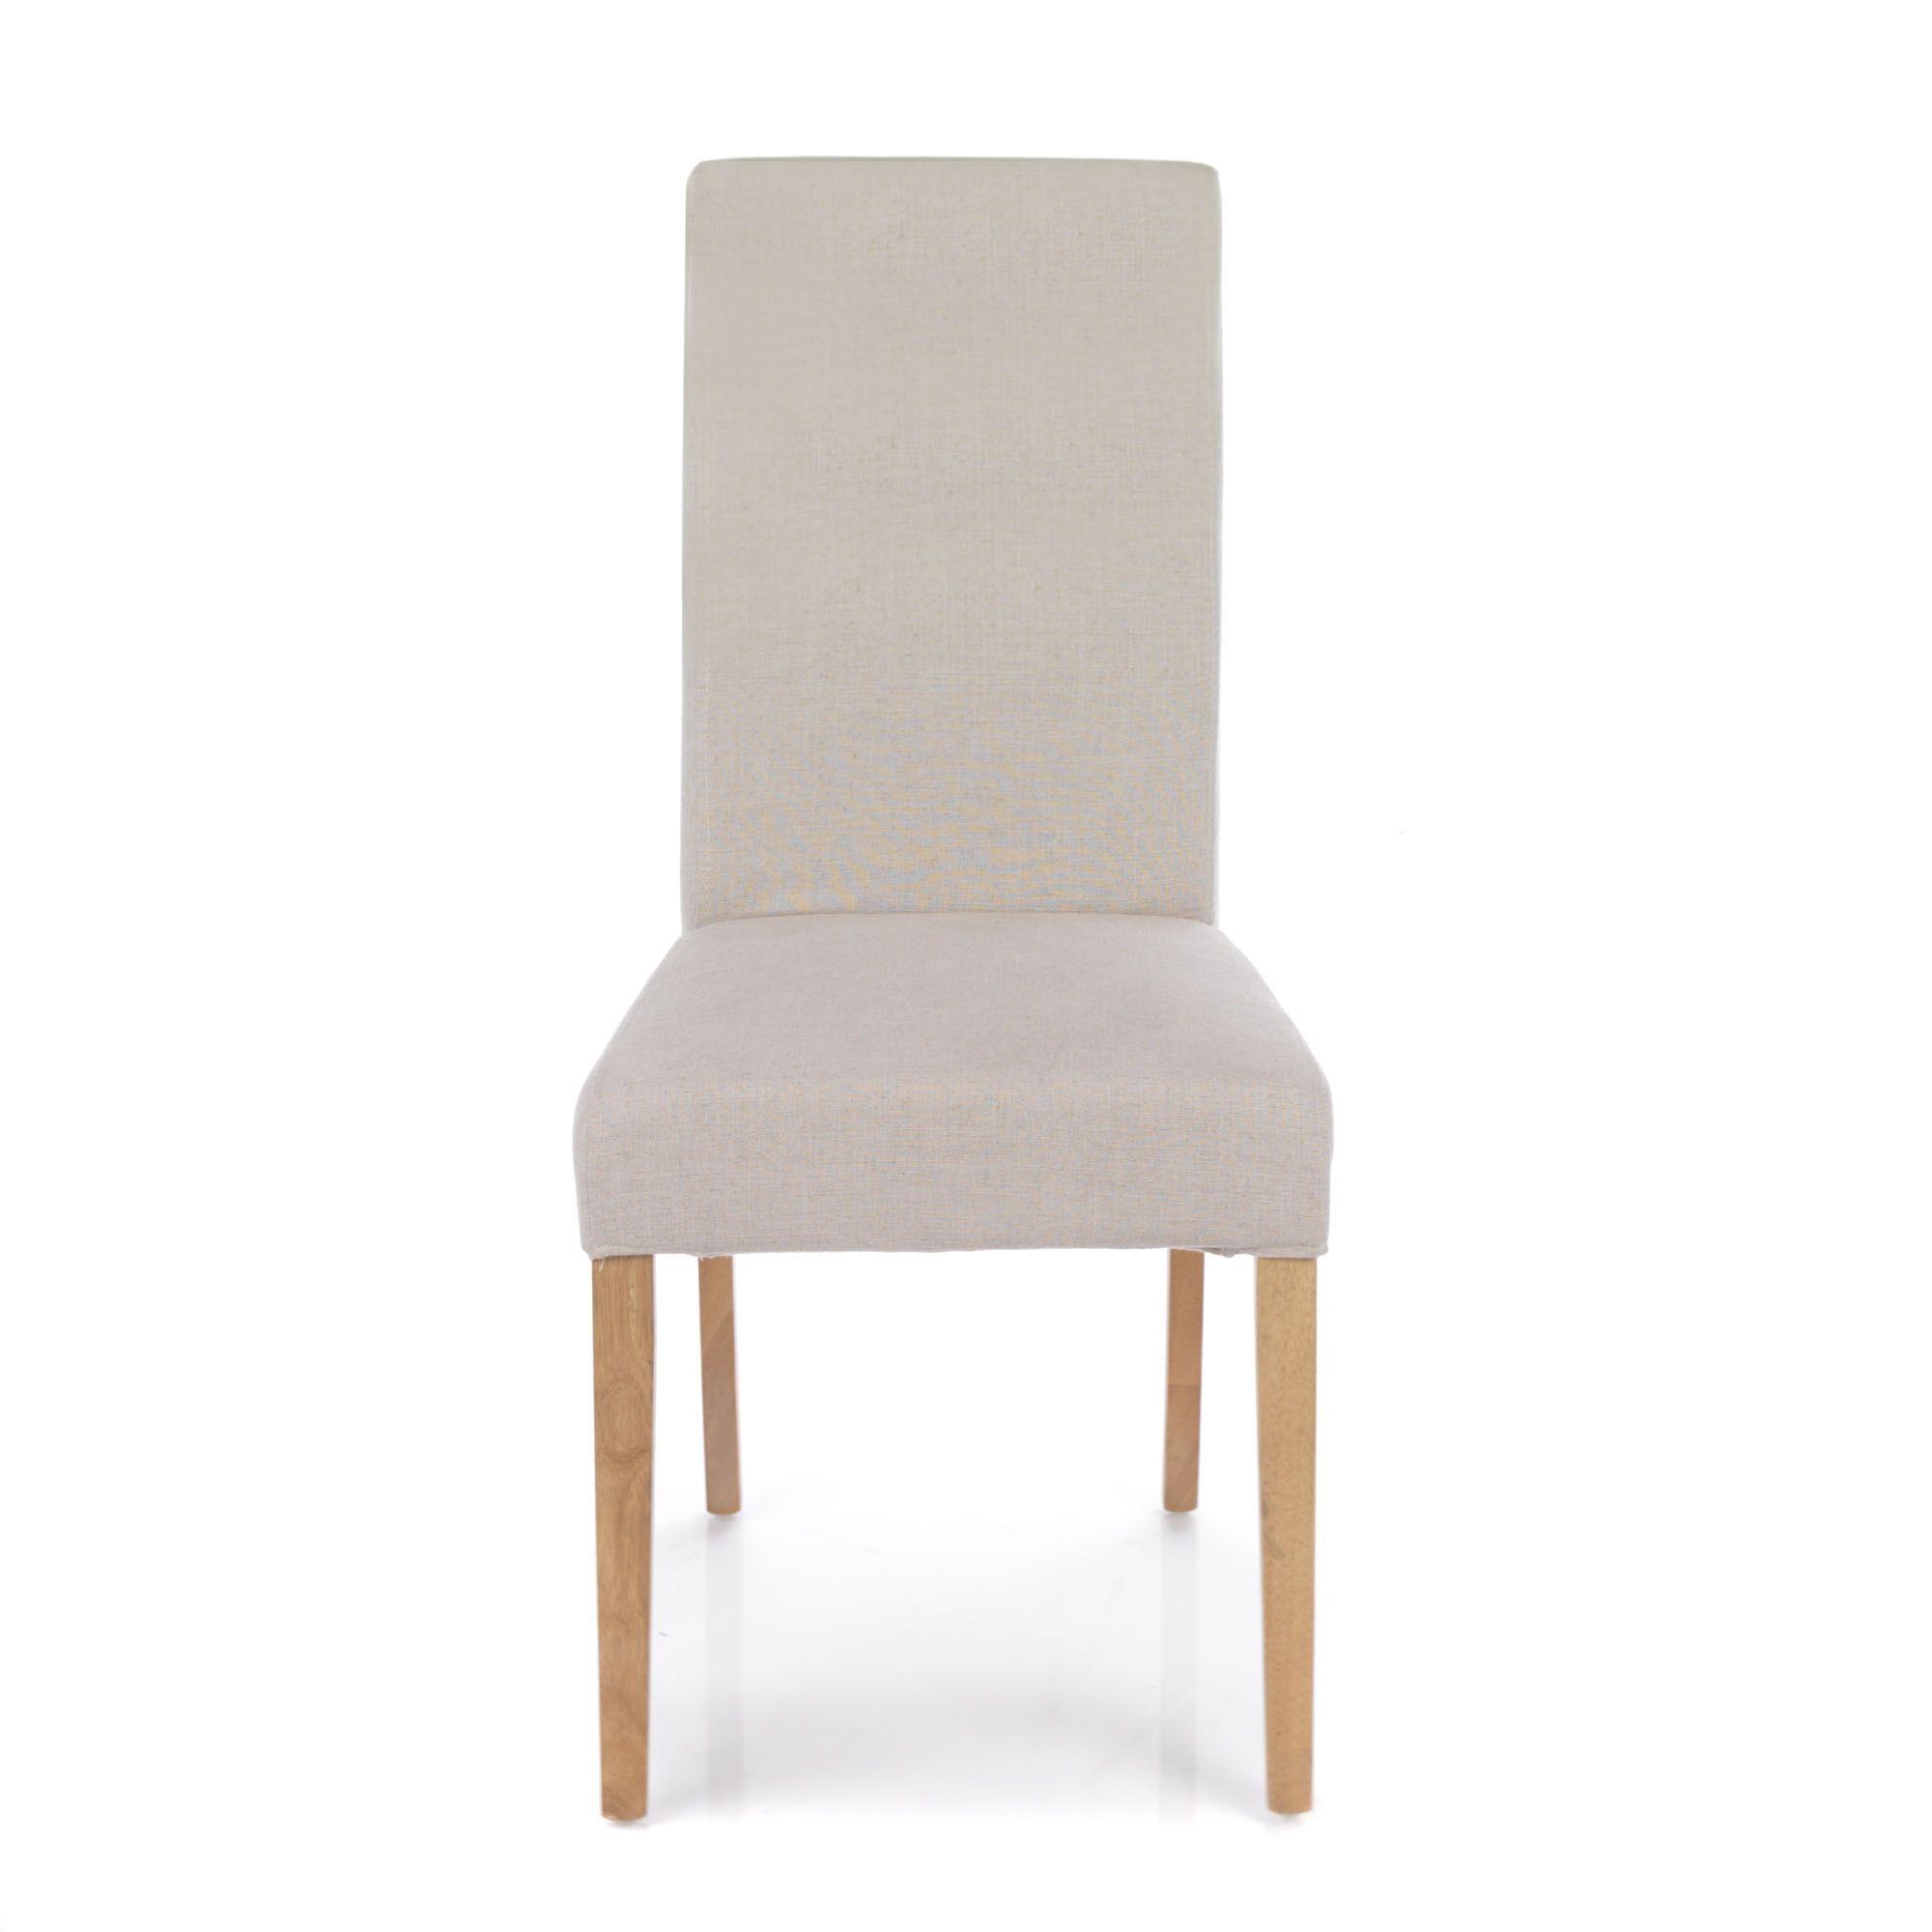 Chaise Dehoussable Naturel Monroe Chaises Tables Et Chaises Salon Et Salle A Manger Decoration D Int Mobilier De Salon Chaises Salon Chaise De Sejour